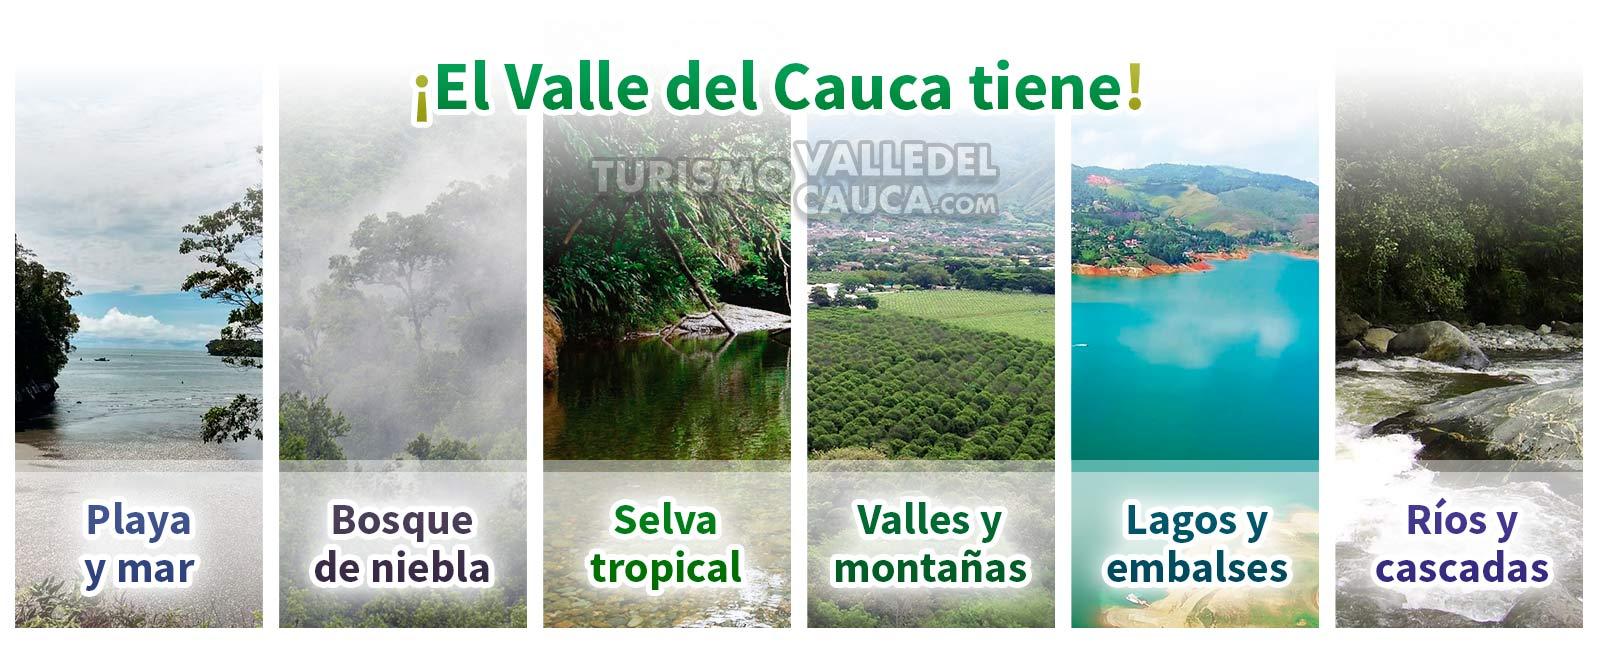 slide-el-valle-tiene-tvc-abr-14